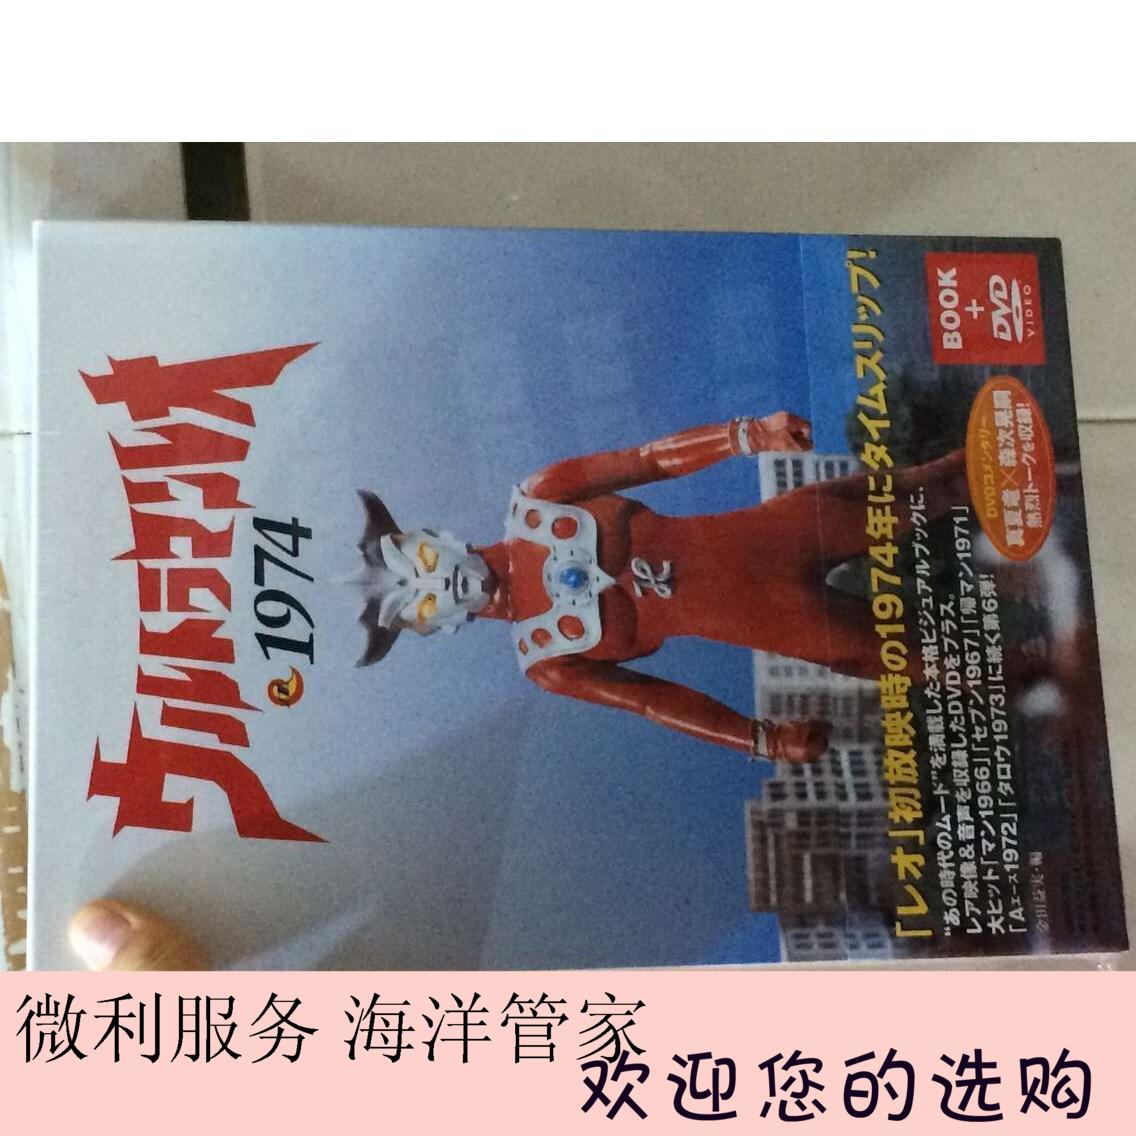 Лео Альтман ウ ル ト ラ マ ン レ オ 1974 DVD + BOOK лицензионный день версия Не открыт